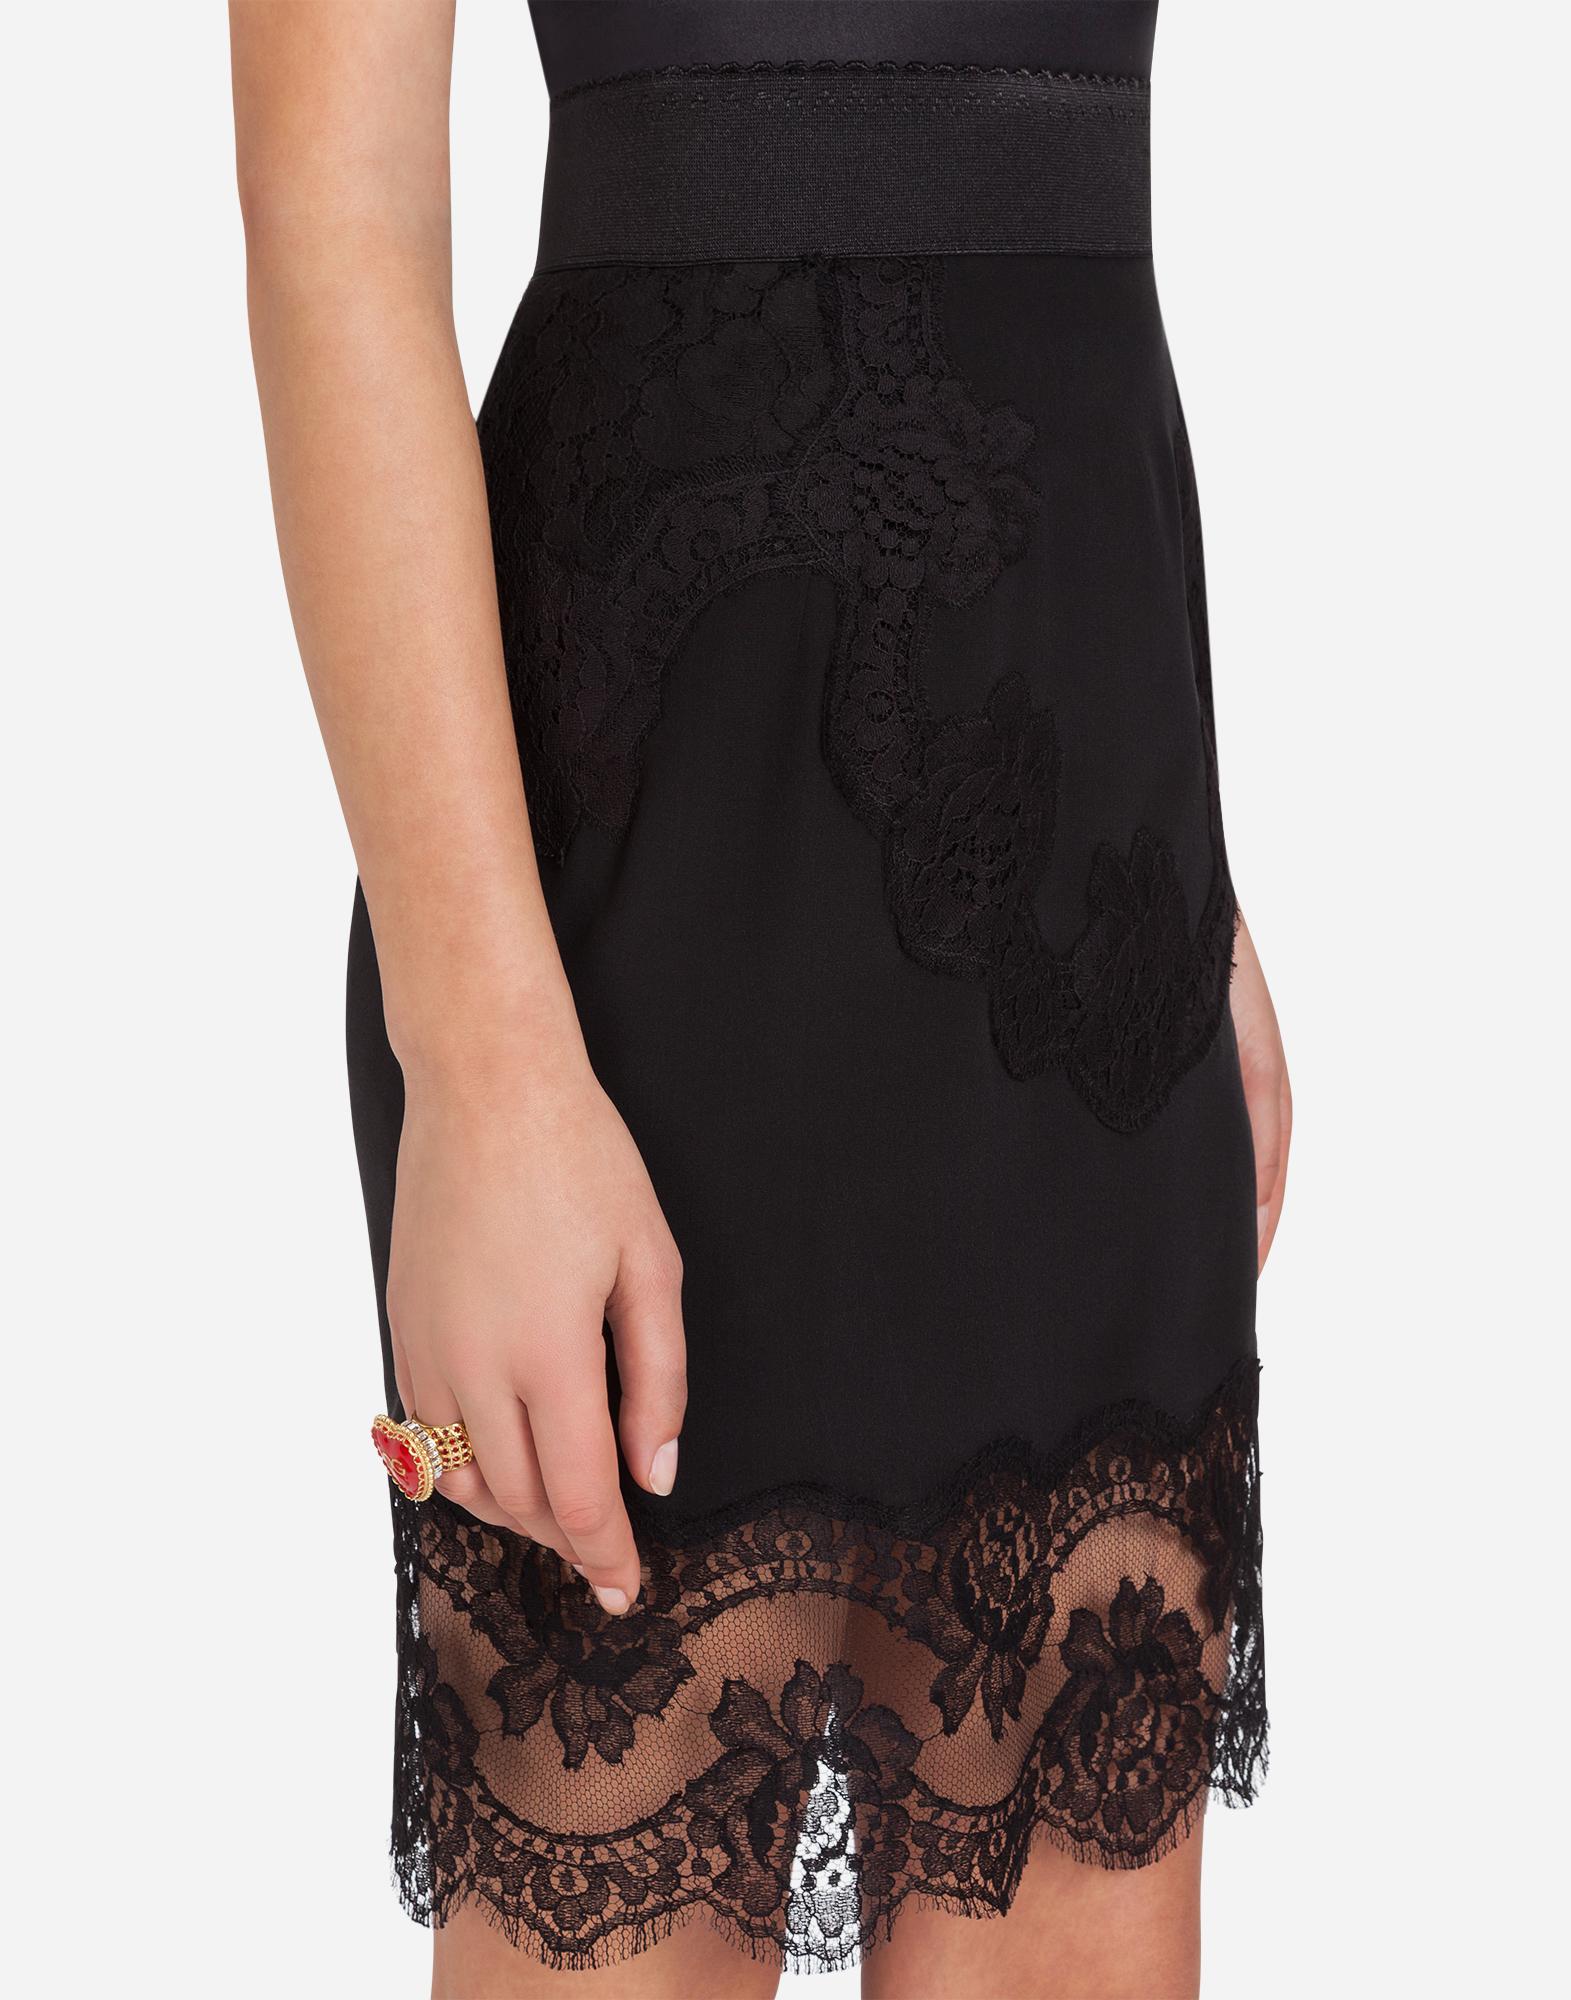 Dolce&Gabbana LINGERIE SKIRT